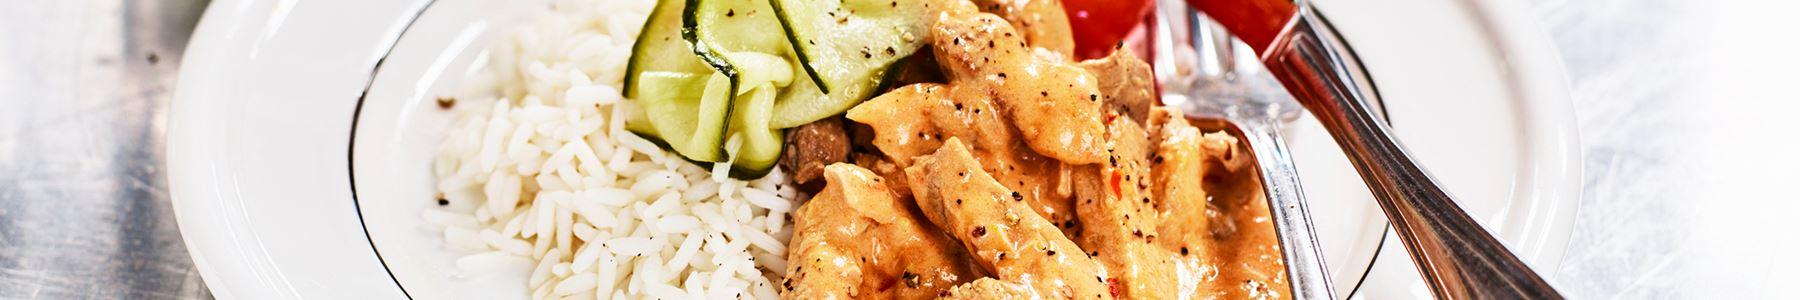 Skinka + Ättika + Kokad